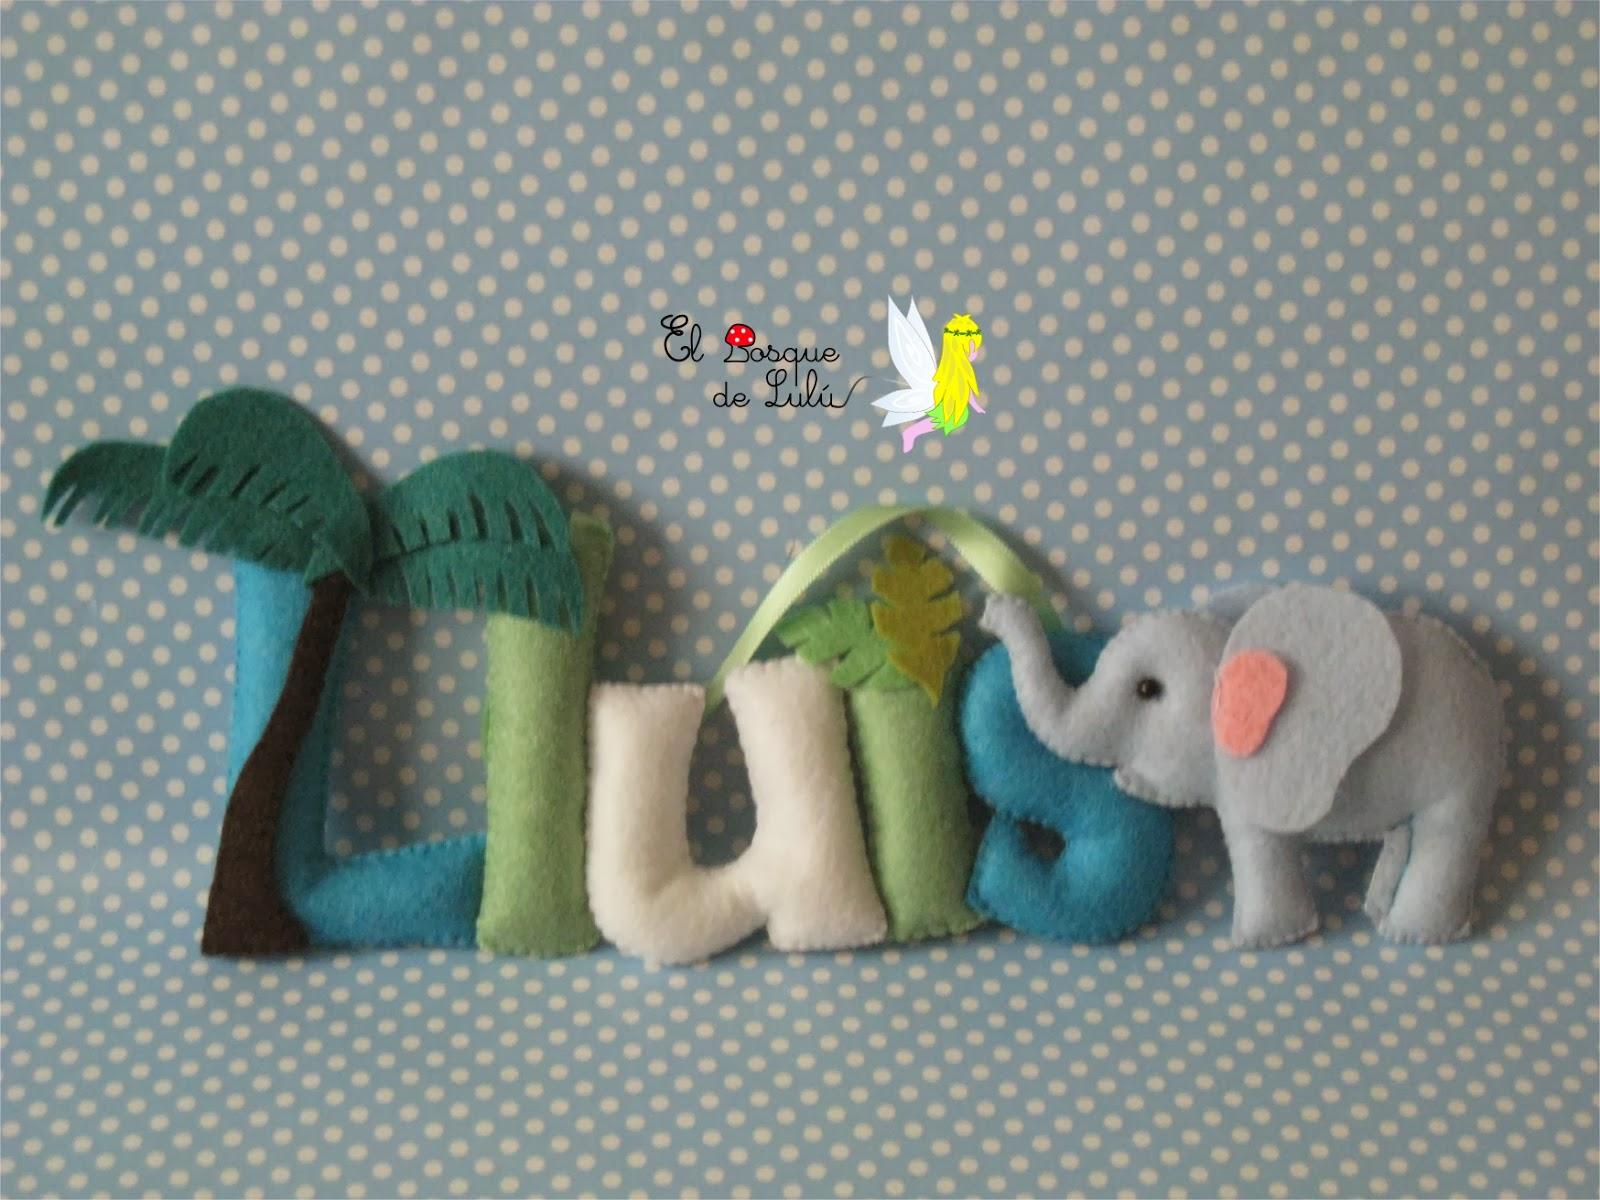 nombre-decorativo-fieltro-Lluis-infantil-regalo-nacimiento-detalle-name-banner